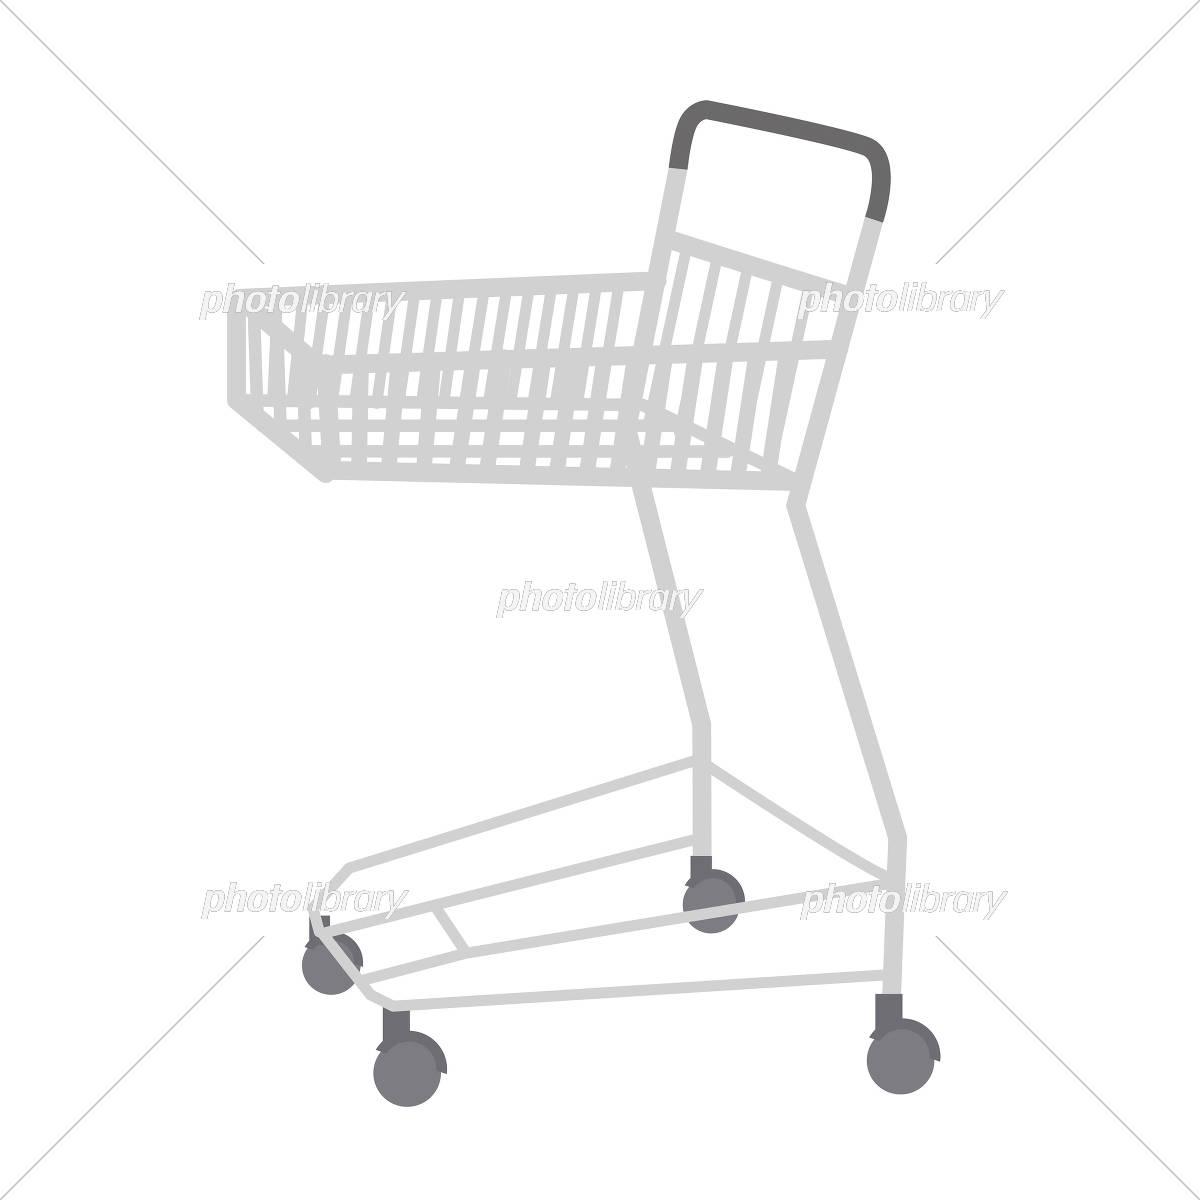 ショッピングカート イラスト イラスト素材 5823415 フォトライブ